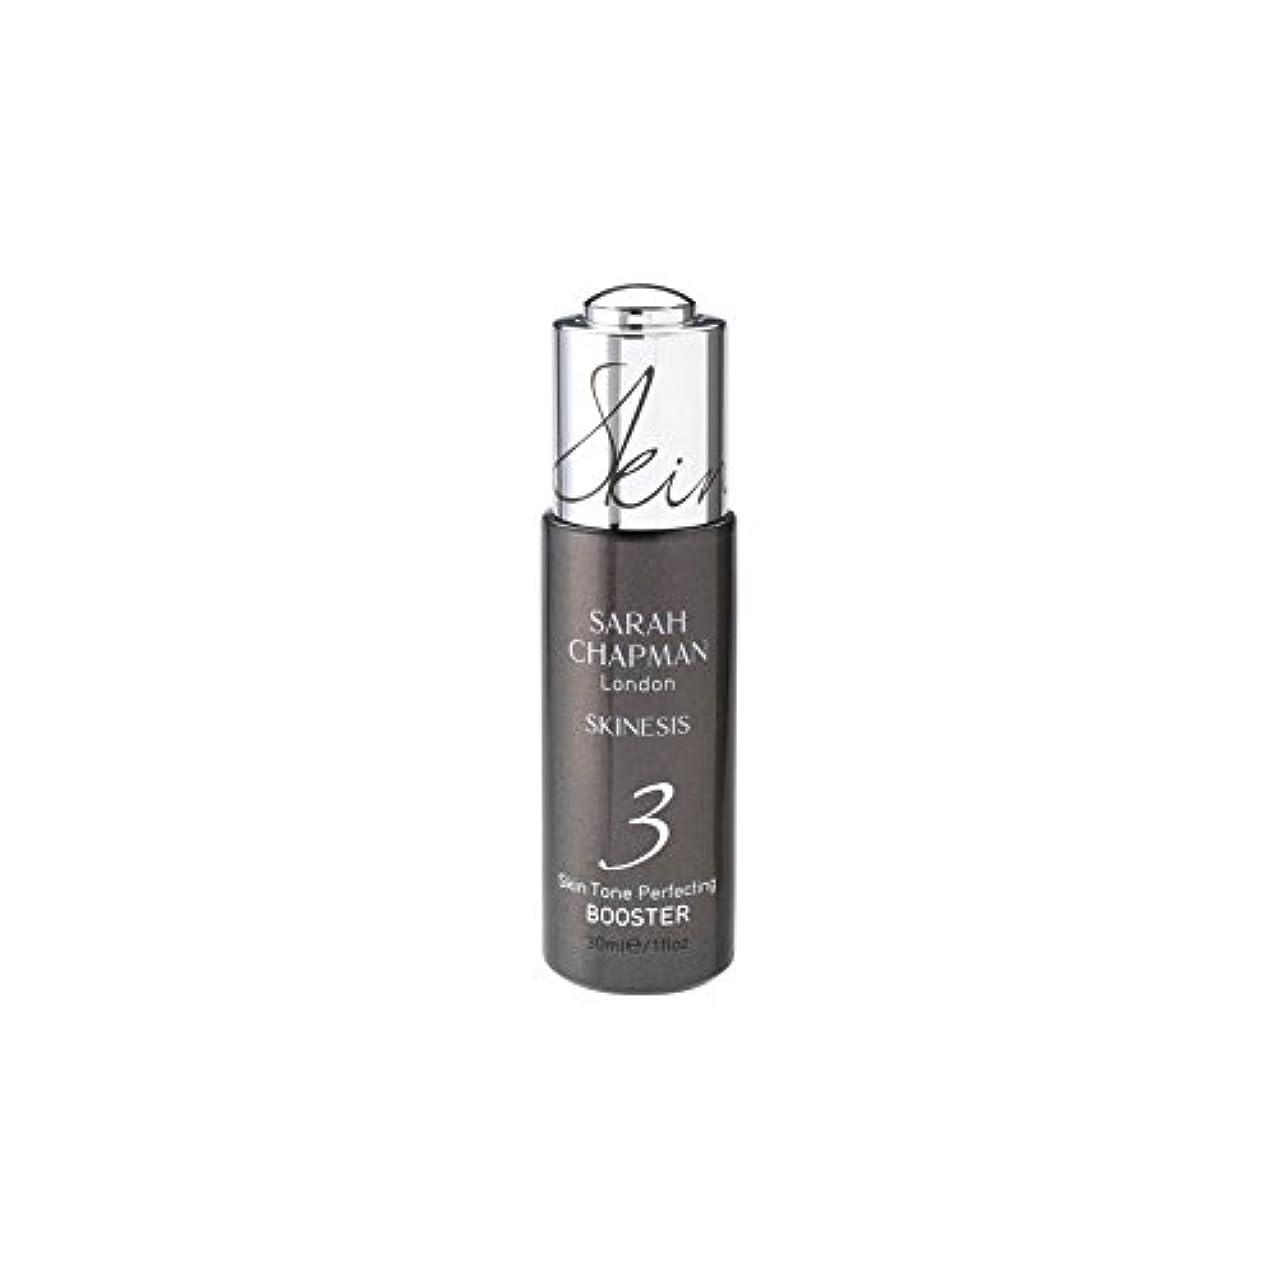 今後ジャンクション緊張サラ?チャップマン肌色完成ブースター(30ミリリットル) x4 - Sarah Chapman Skinesis Skin Tone Perfecting Booster (30ml) (Pack of 4) [並行輸入品]